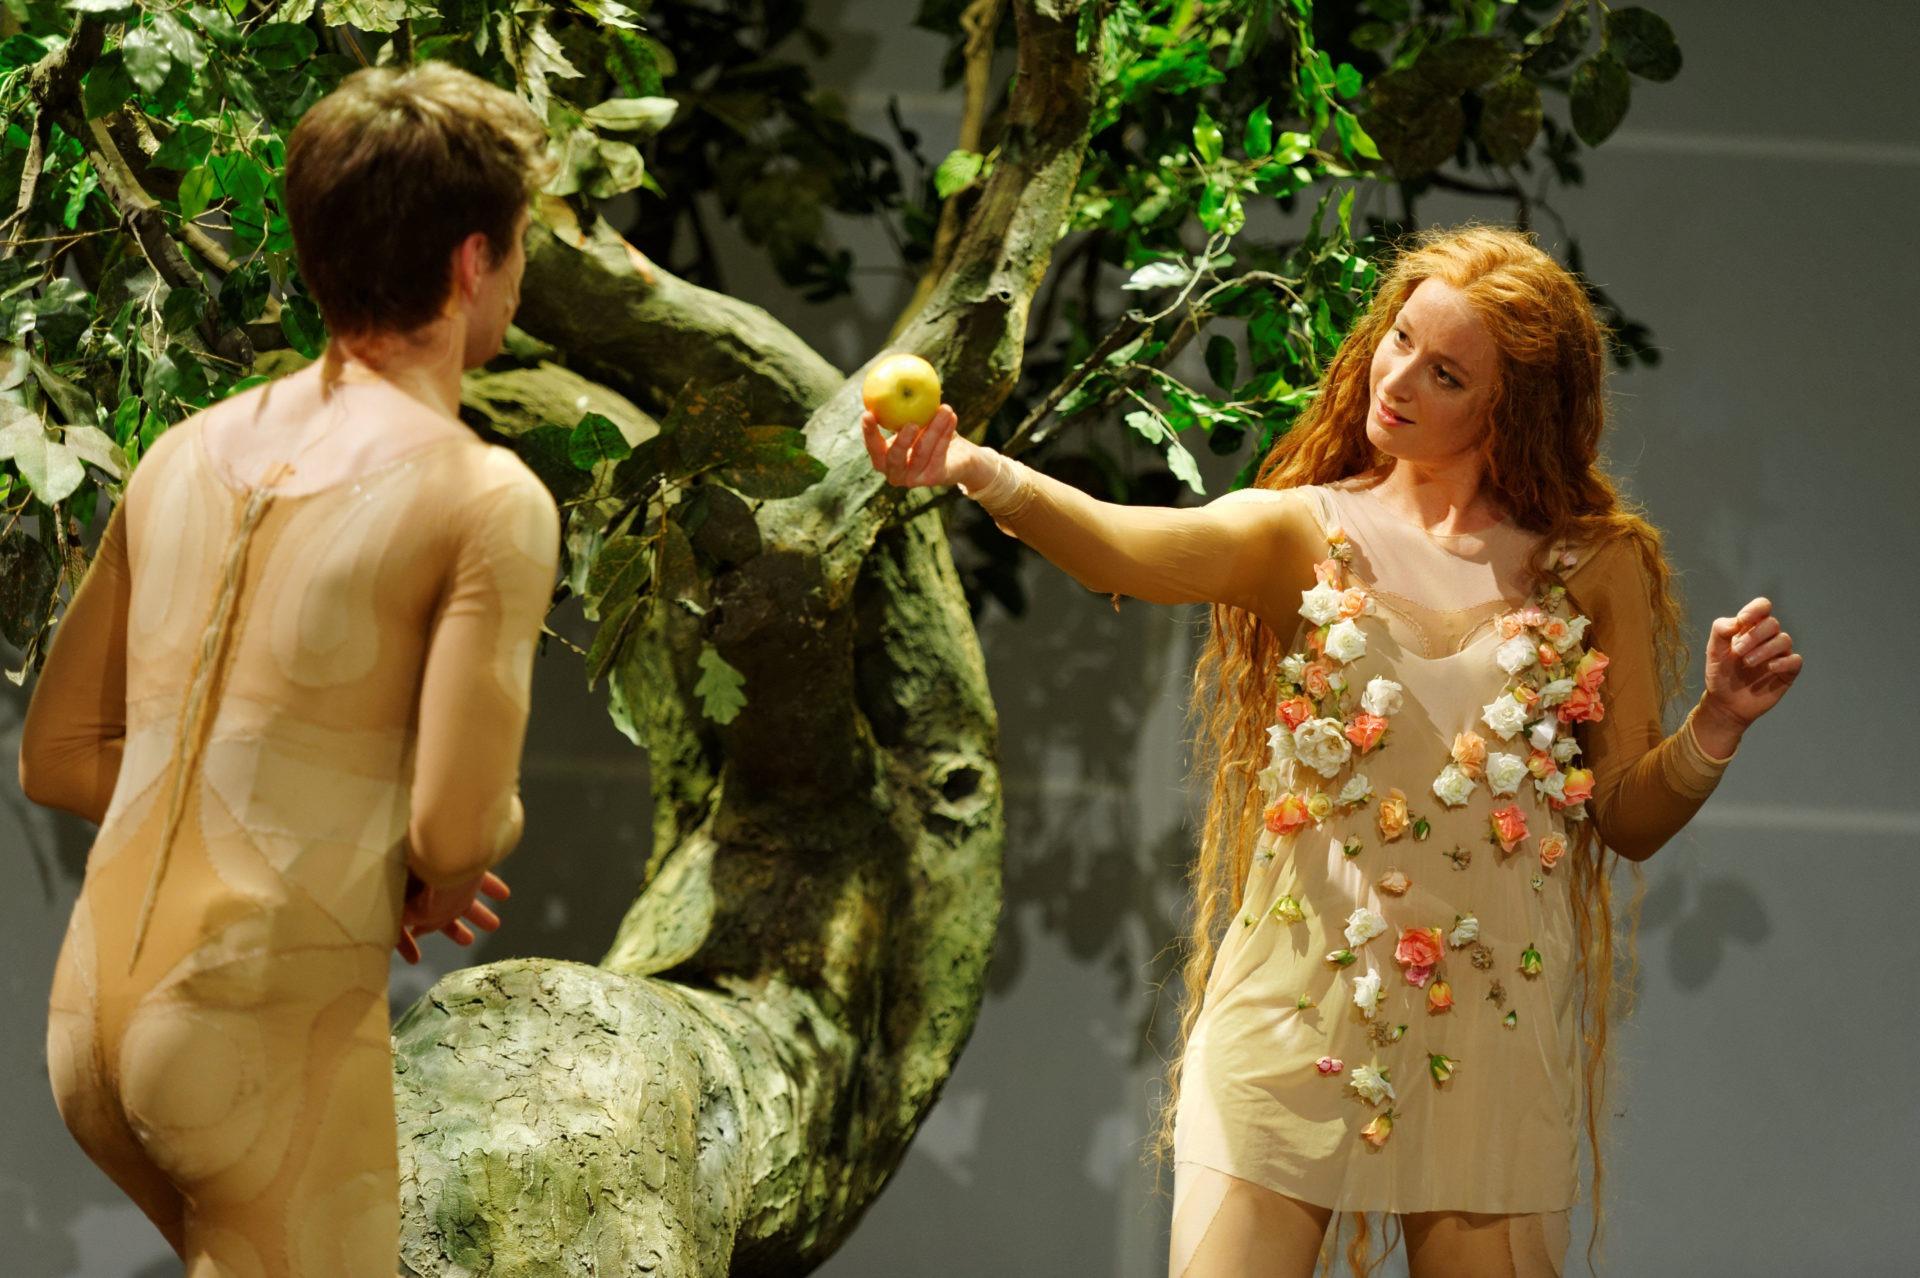 Adam & Eva - Andreas L. Mayer